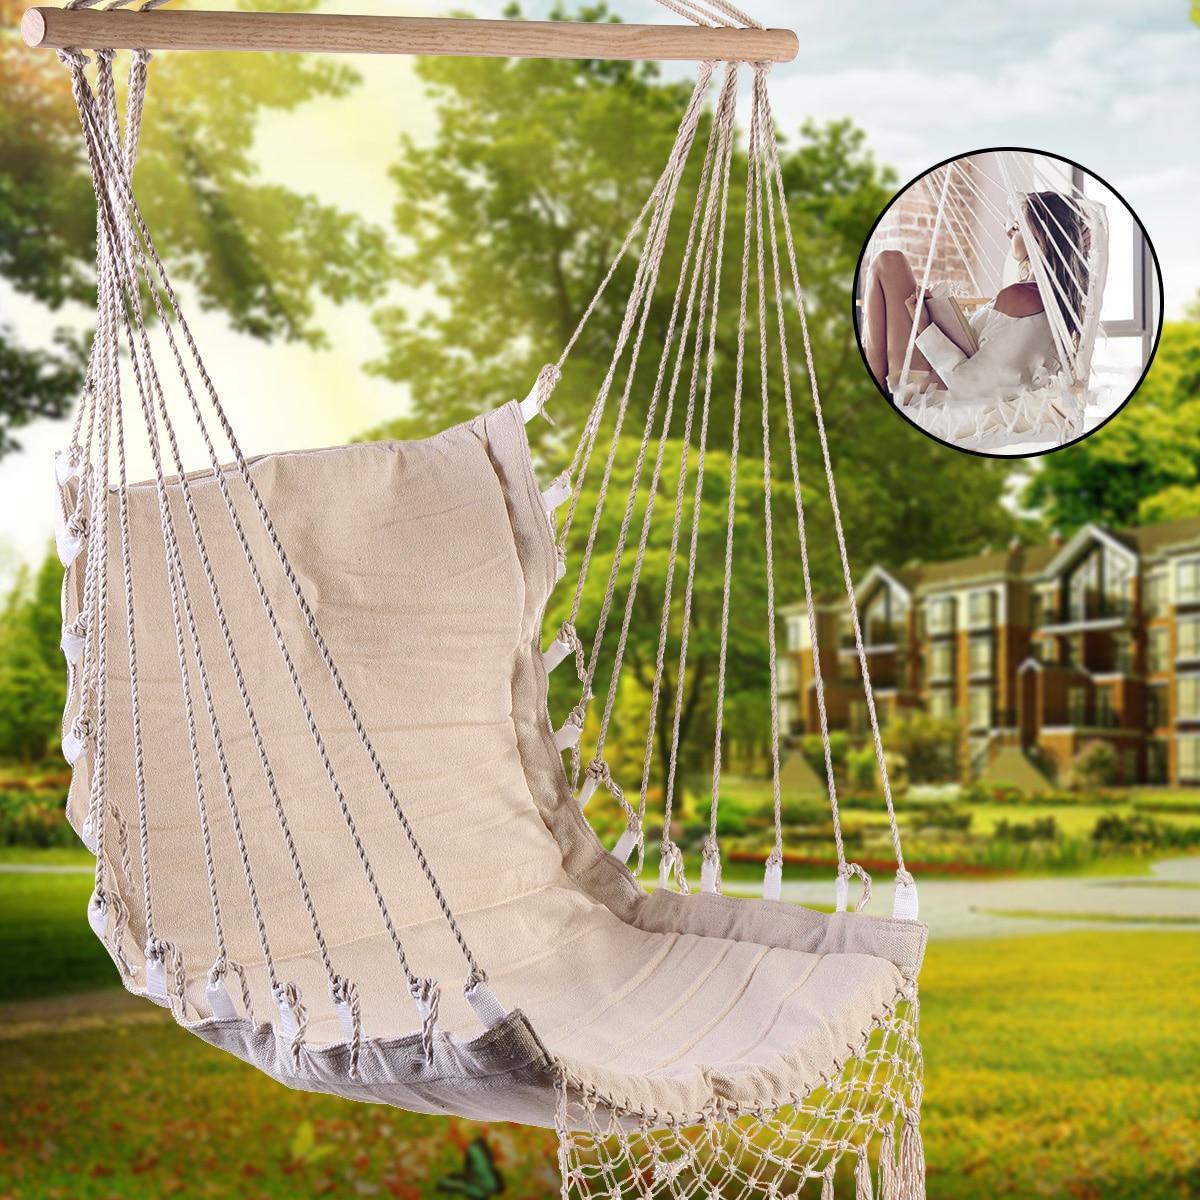 Estilo nórdico Deluxe hamaca al aire libre jardín dormitorio colgando silla para niño adulto balanceo sola silla de seguridad